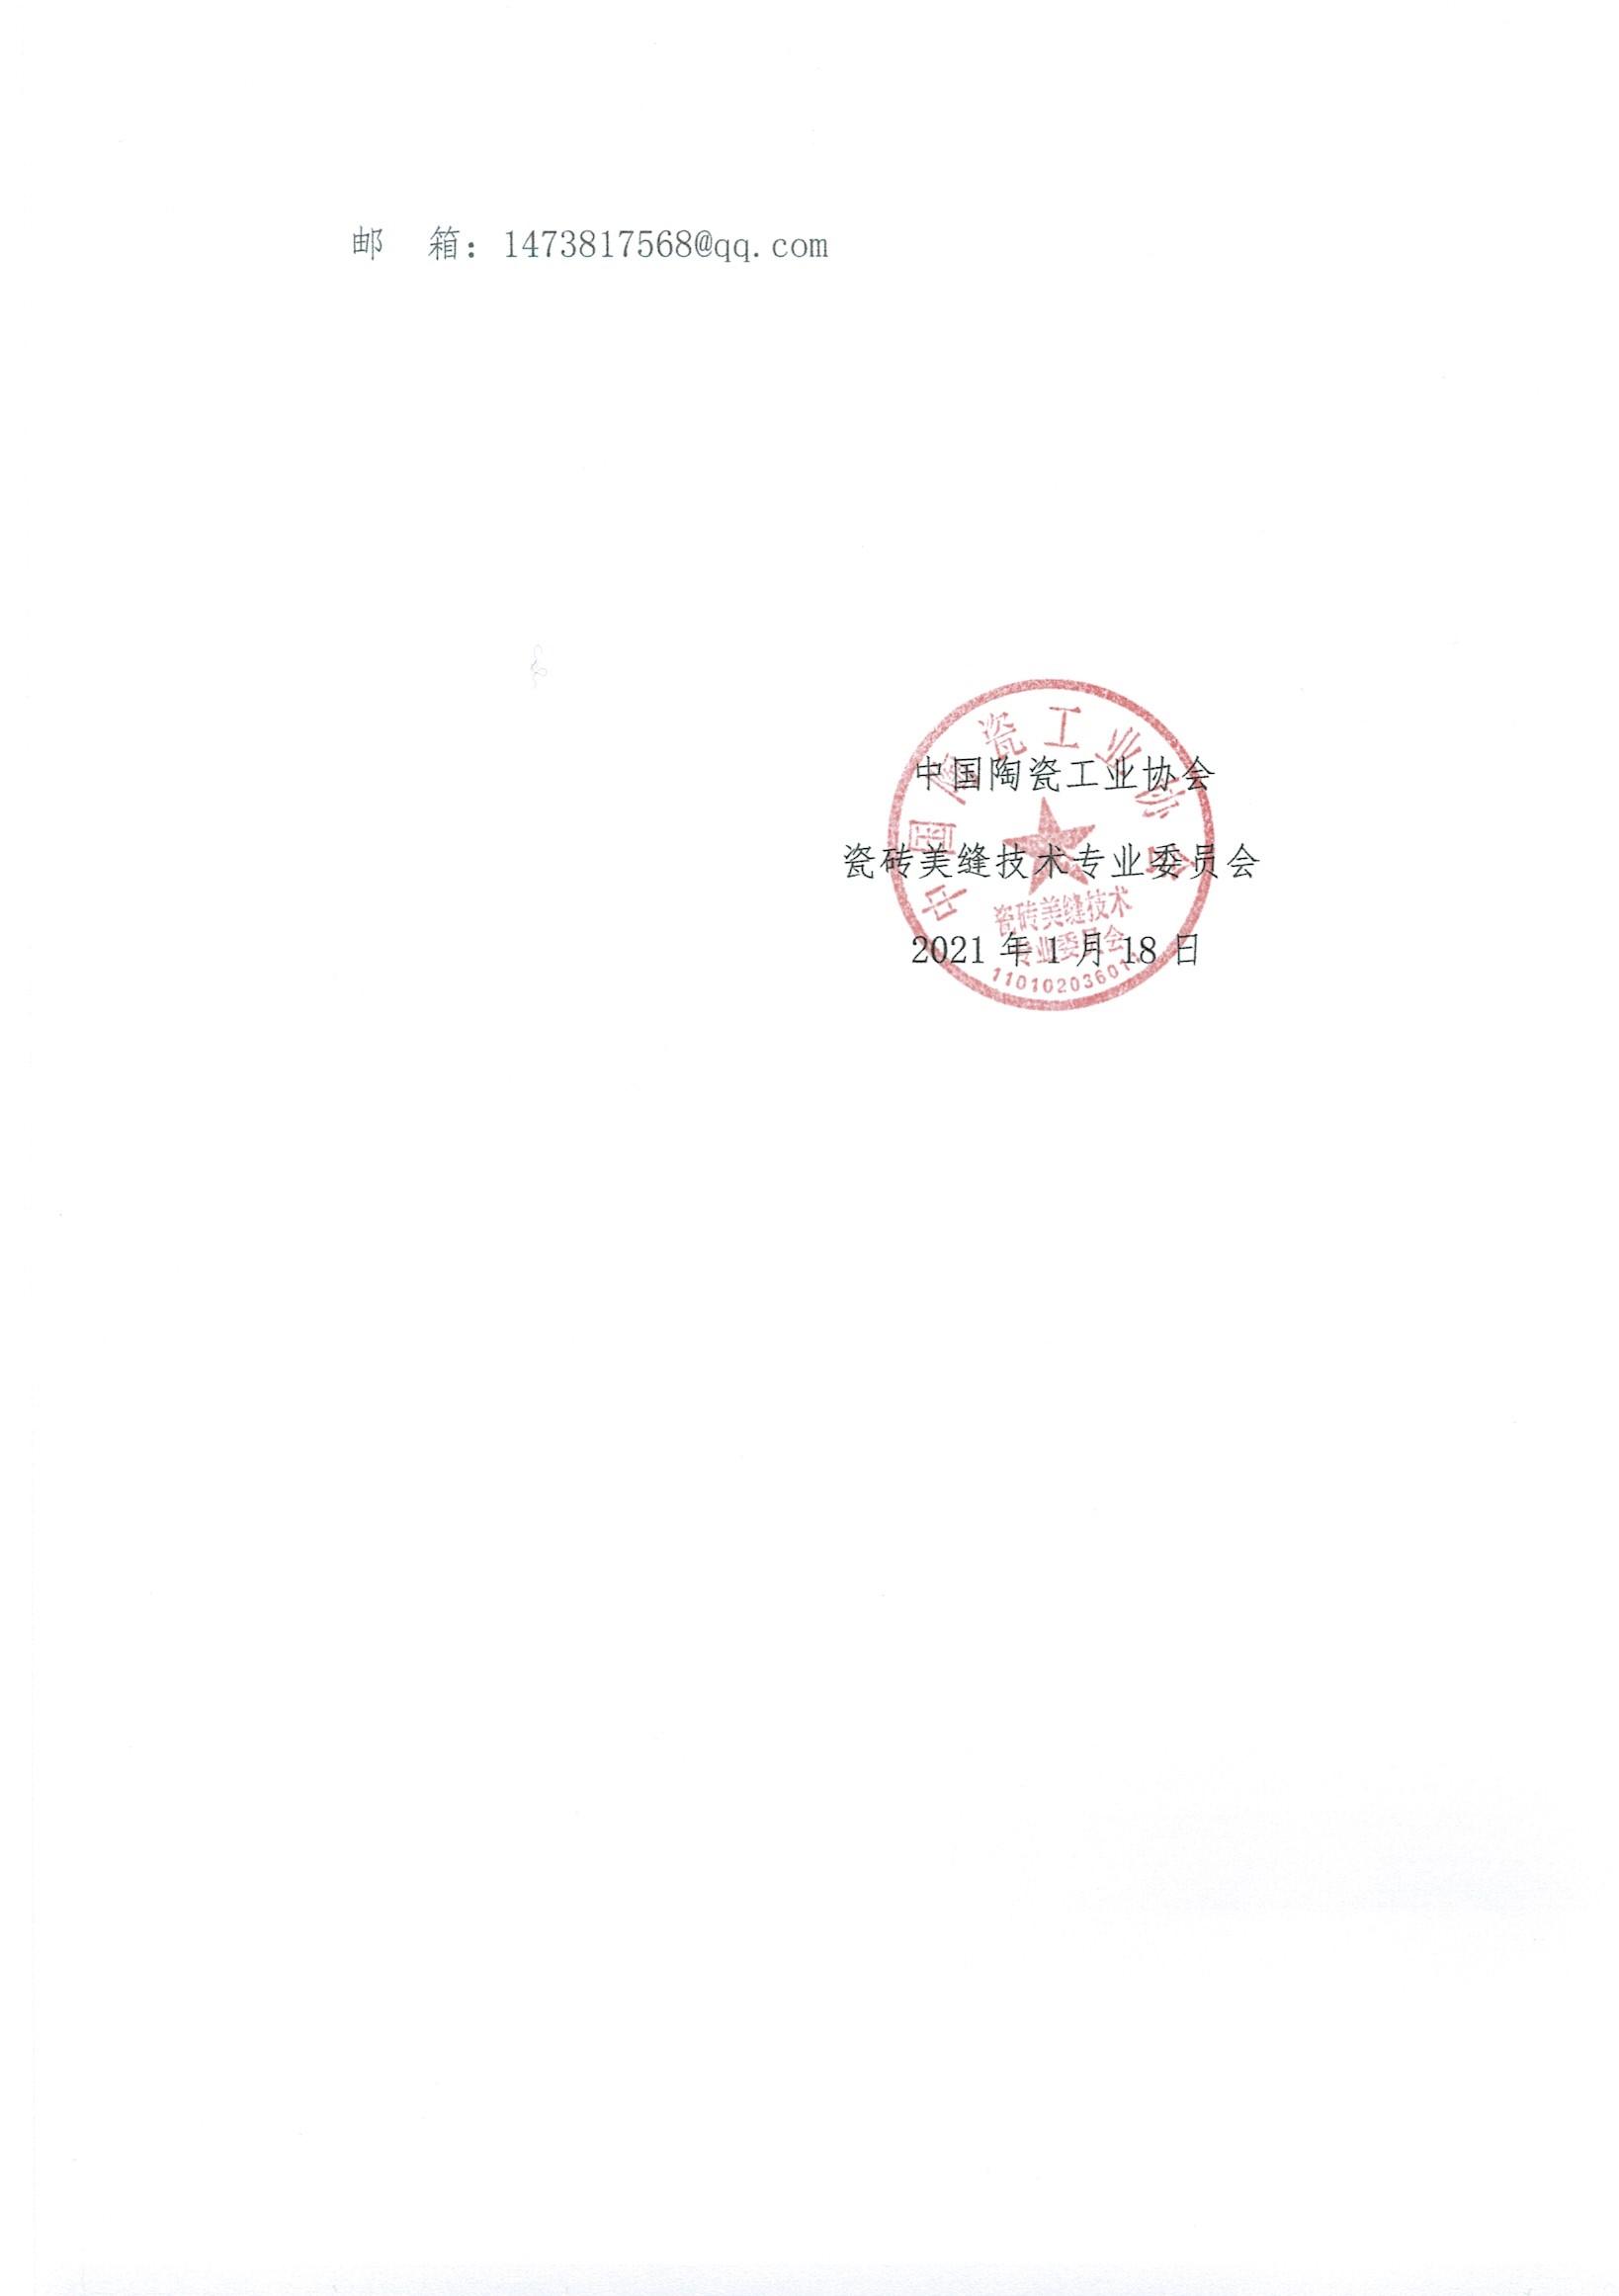 关于组织参加第36届佛山陶博会暨第一届中国美缝展的通知 中陶协CTA[2021]03号_页面_2